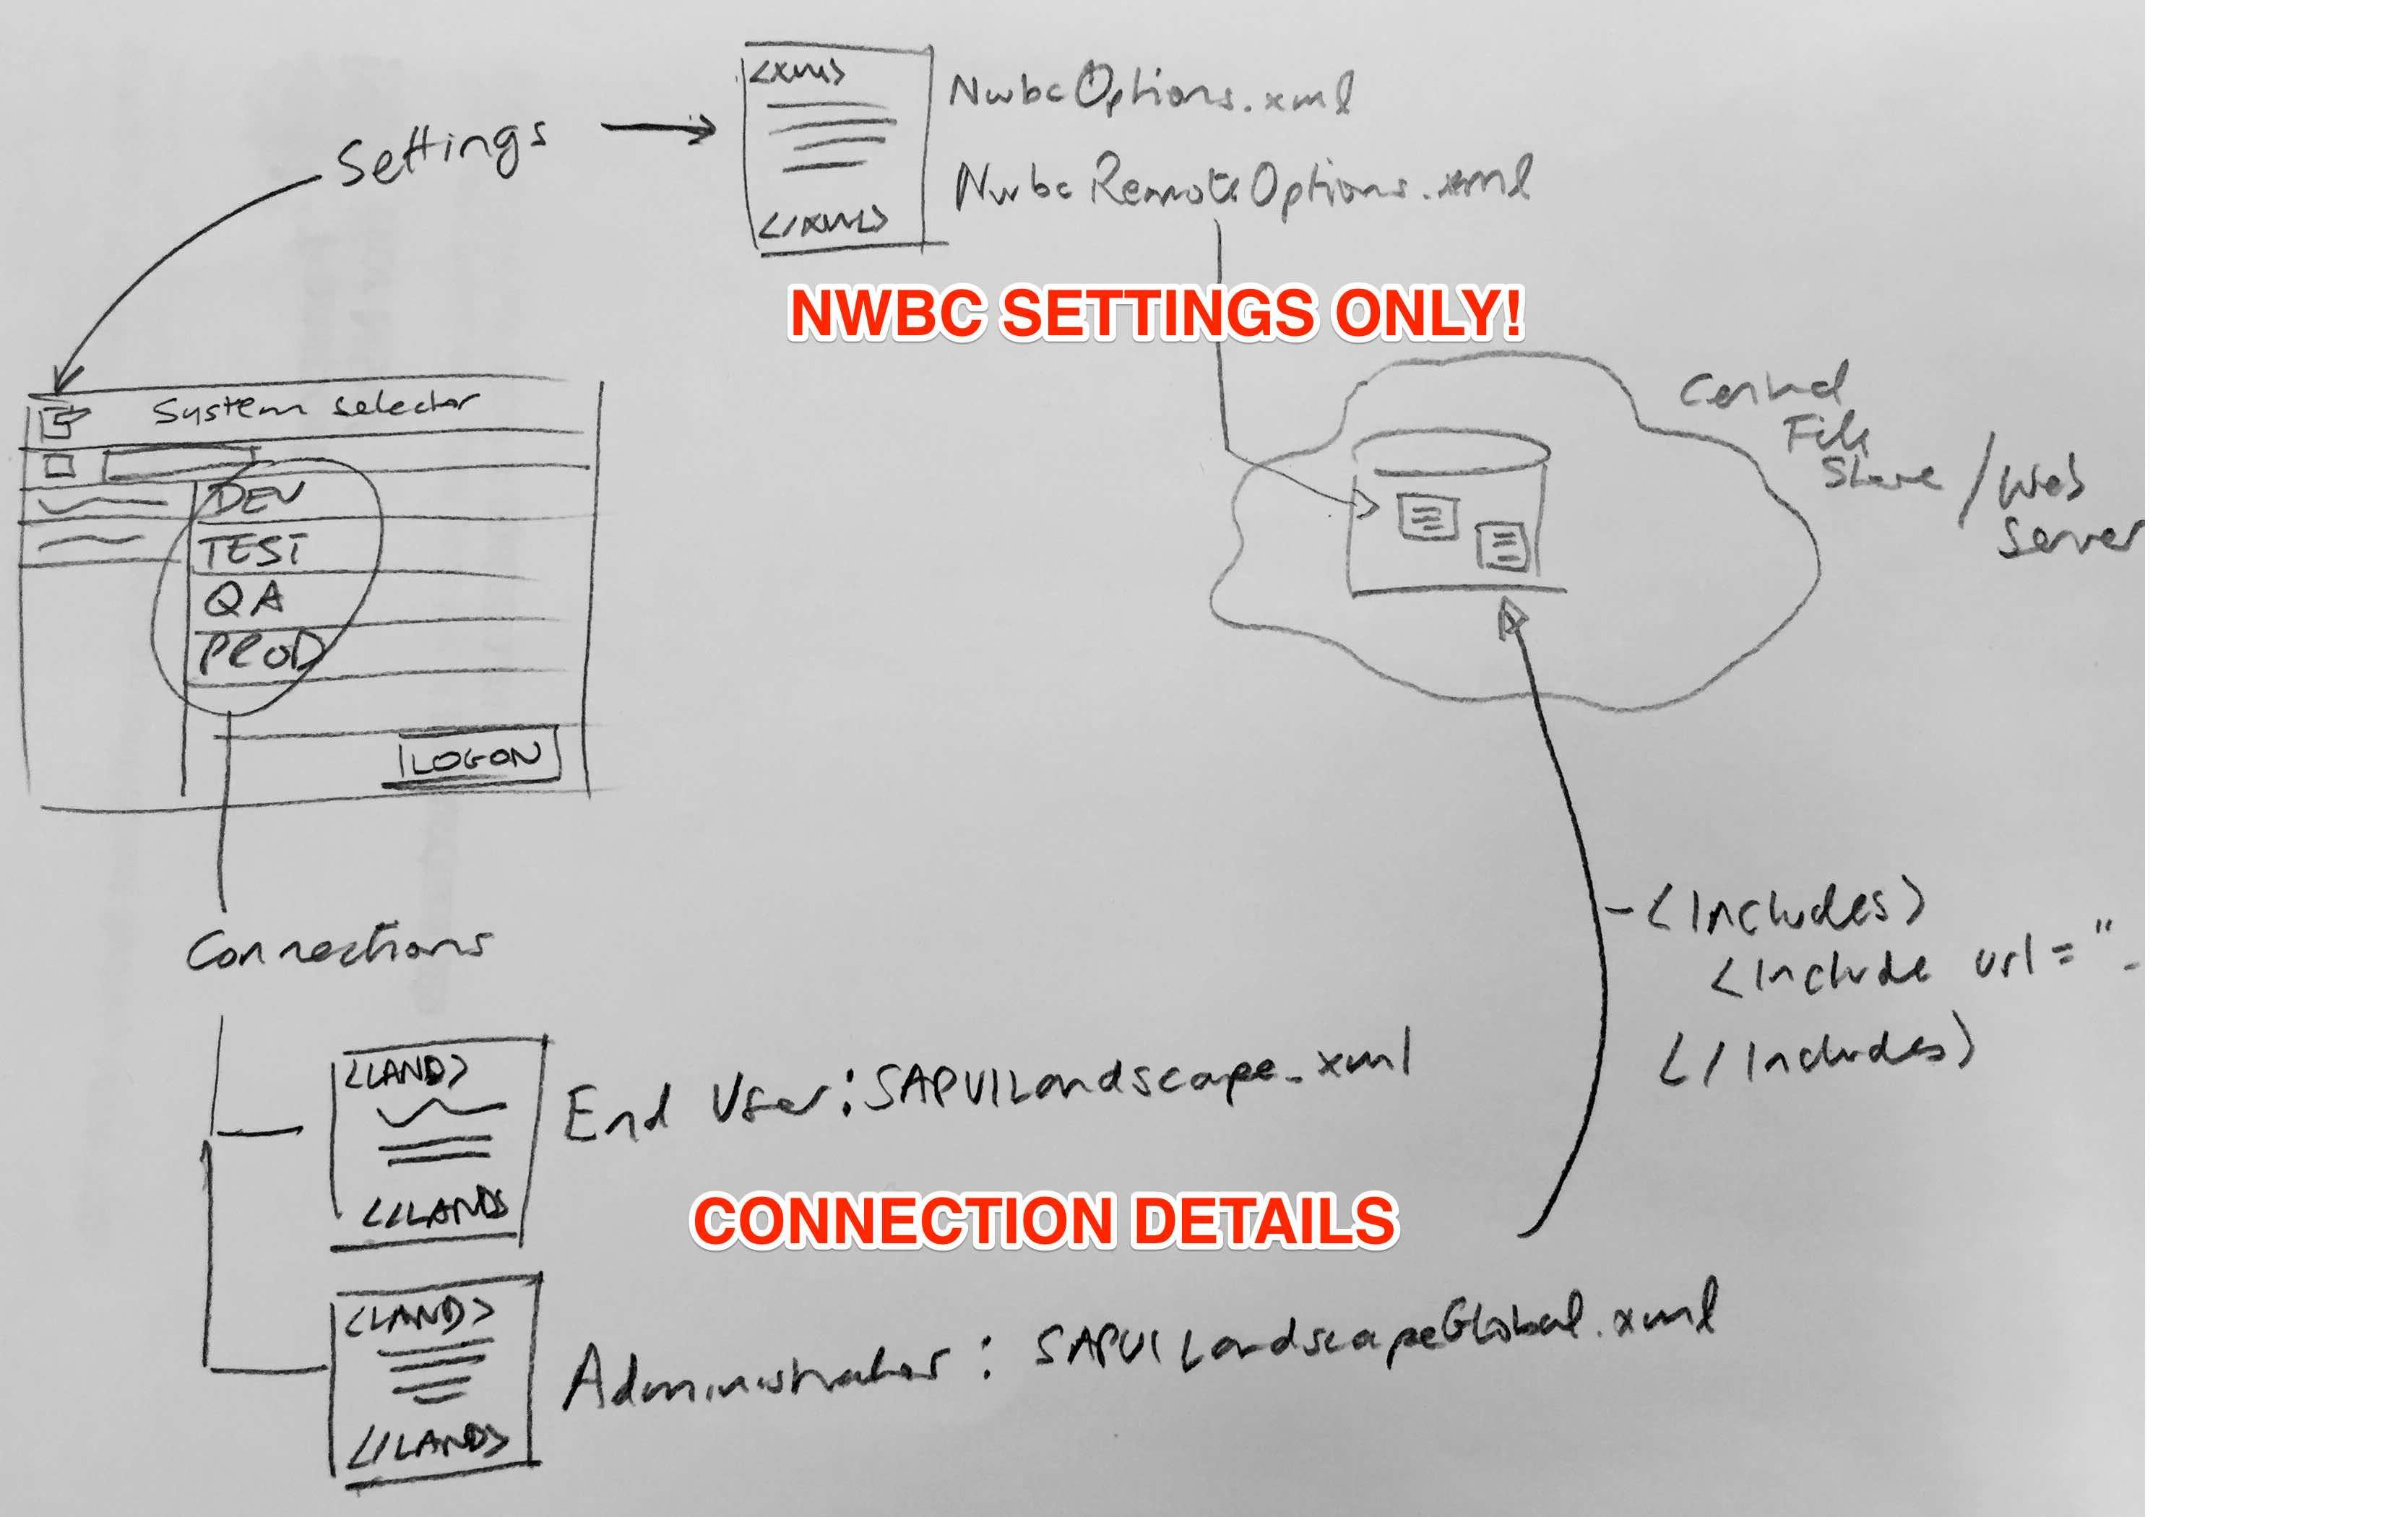 SAP Business Client Options and SAP UI Landscape